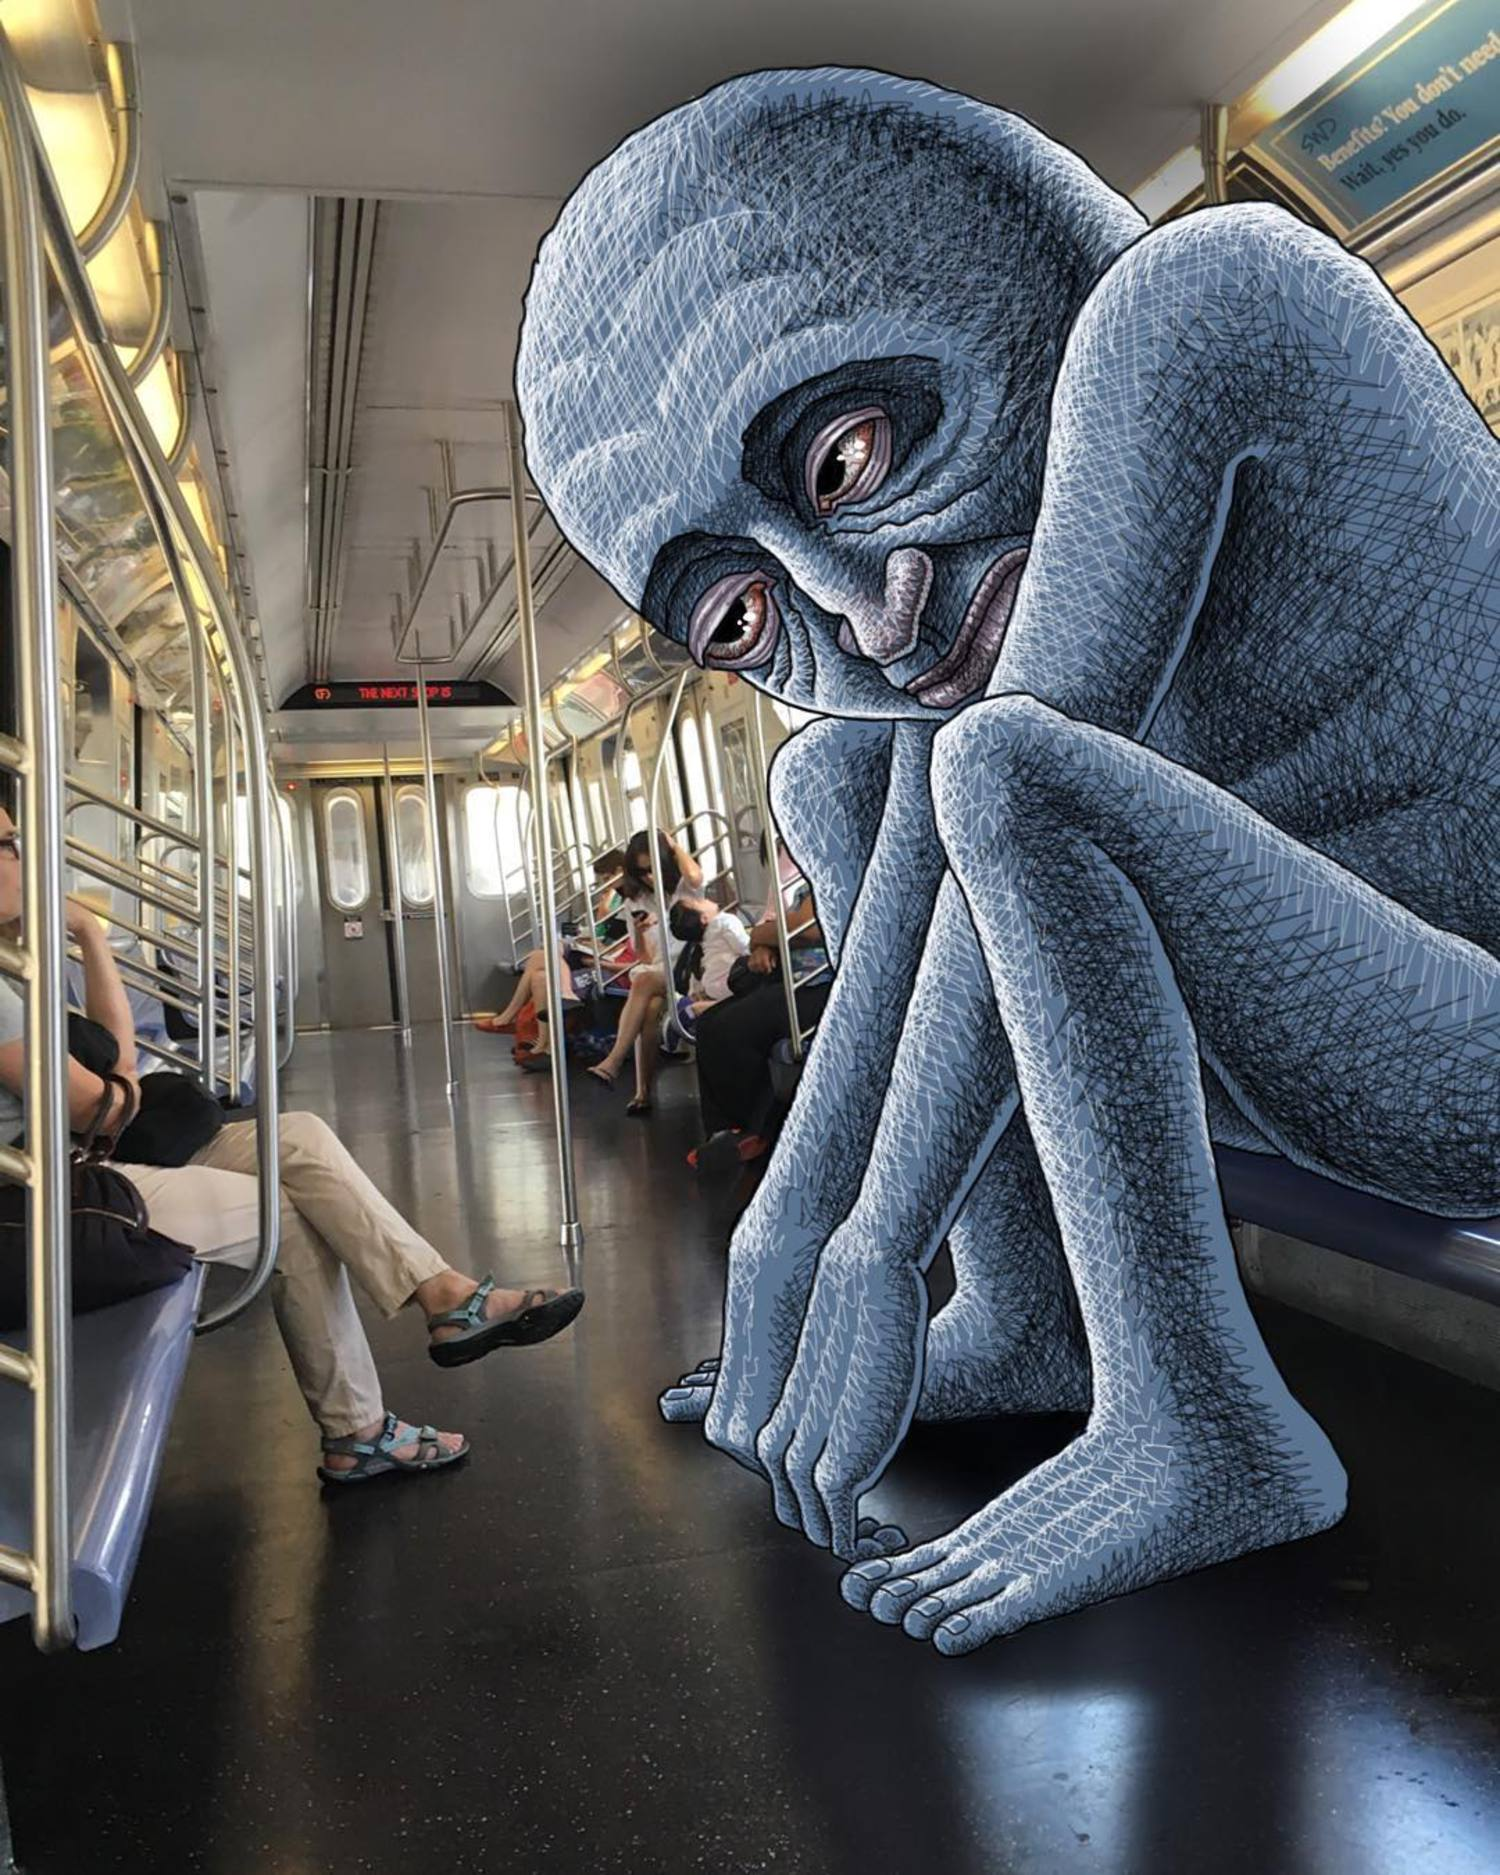 #subwaydoodle #subway #doodle #swd #nyc #cramped